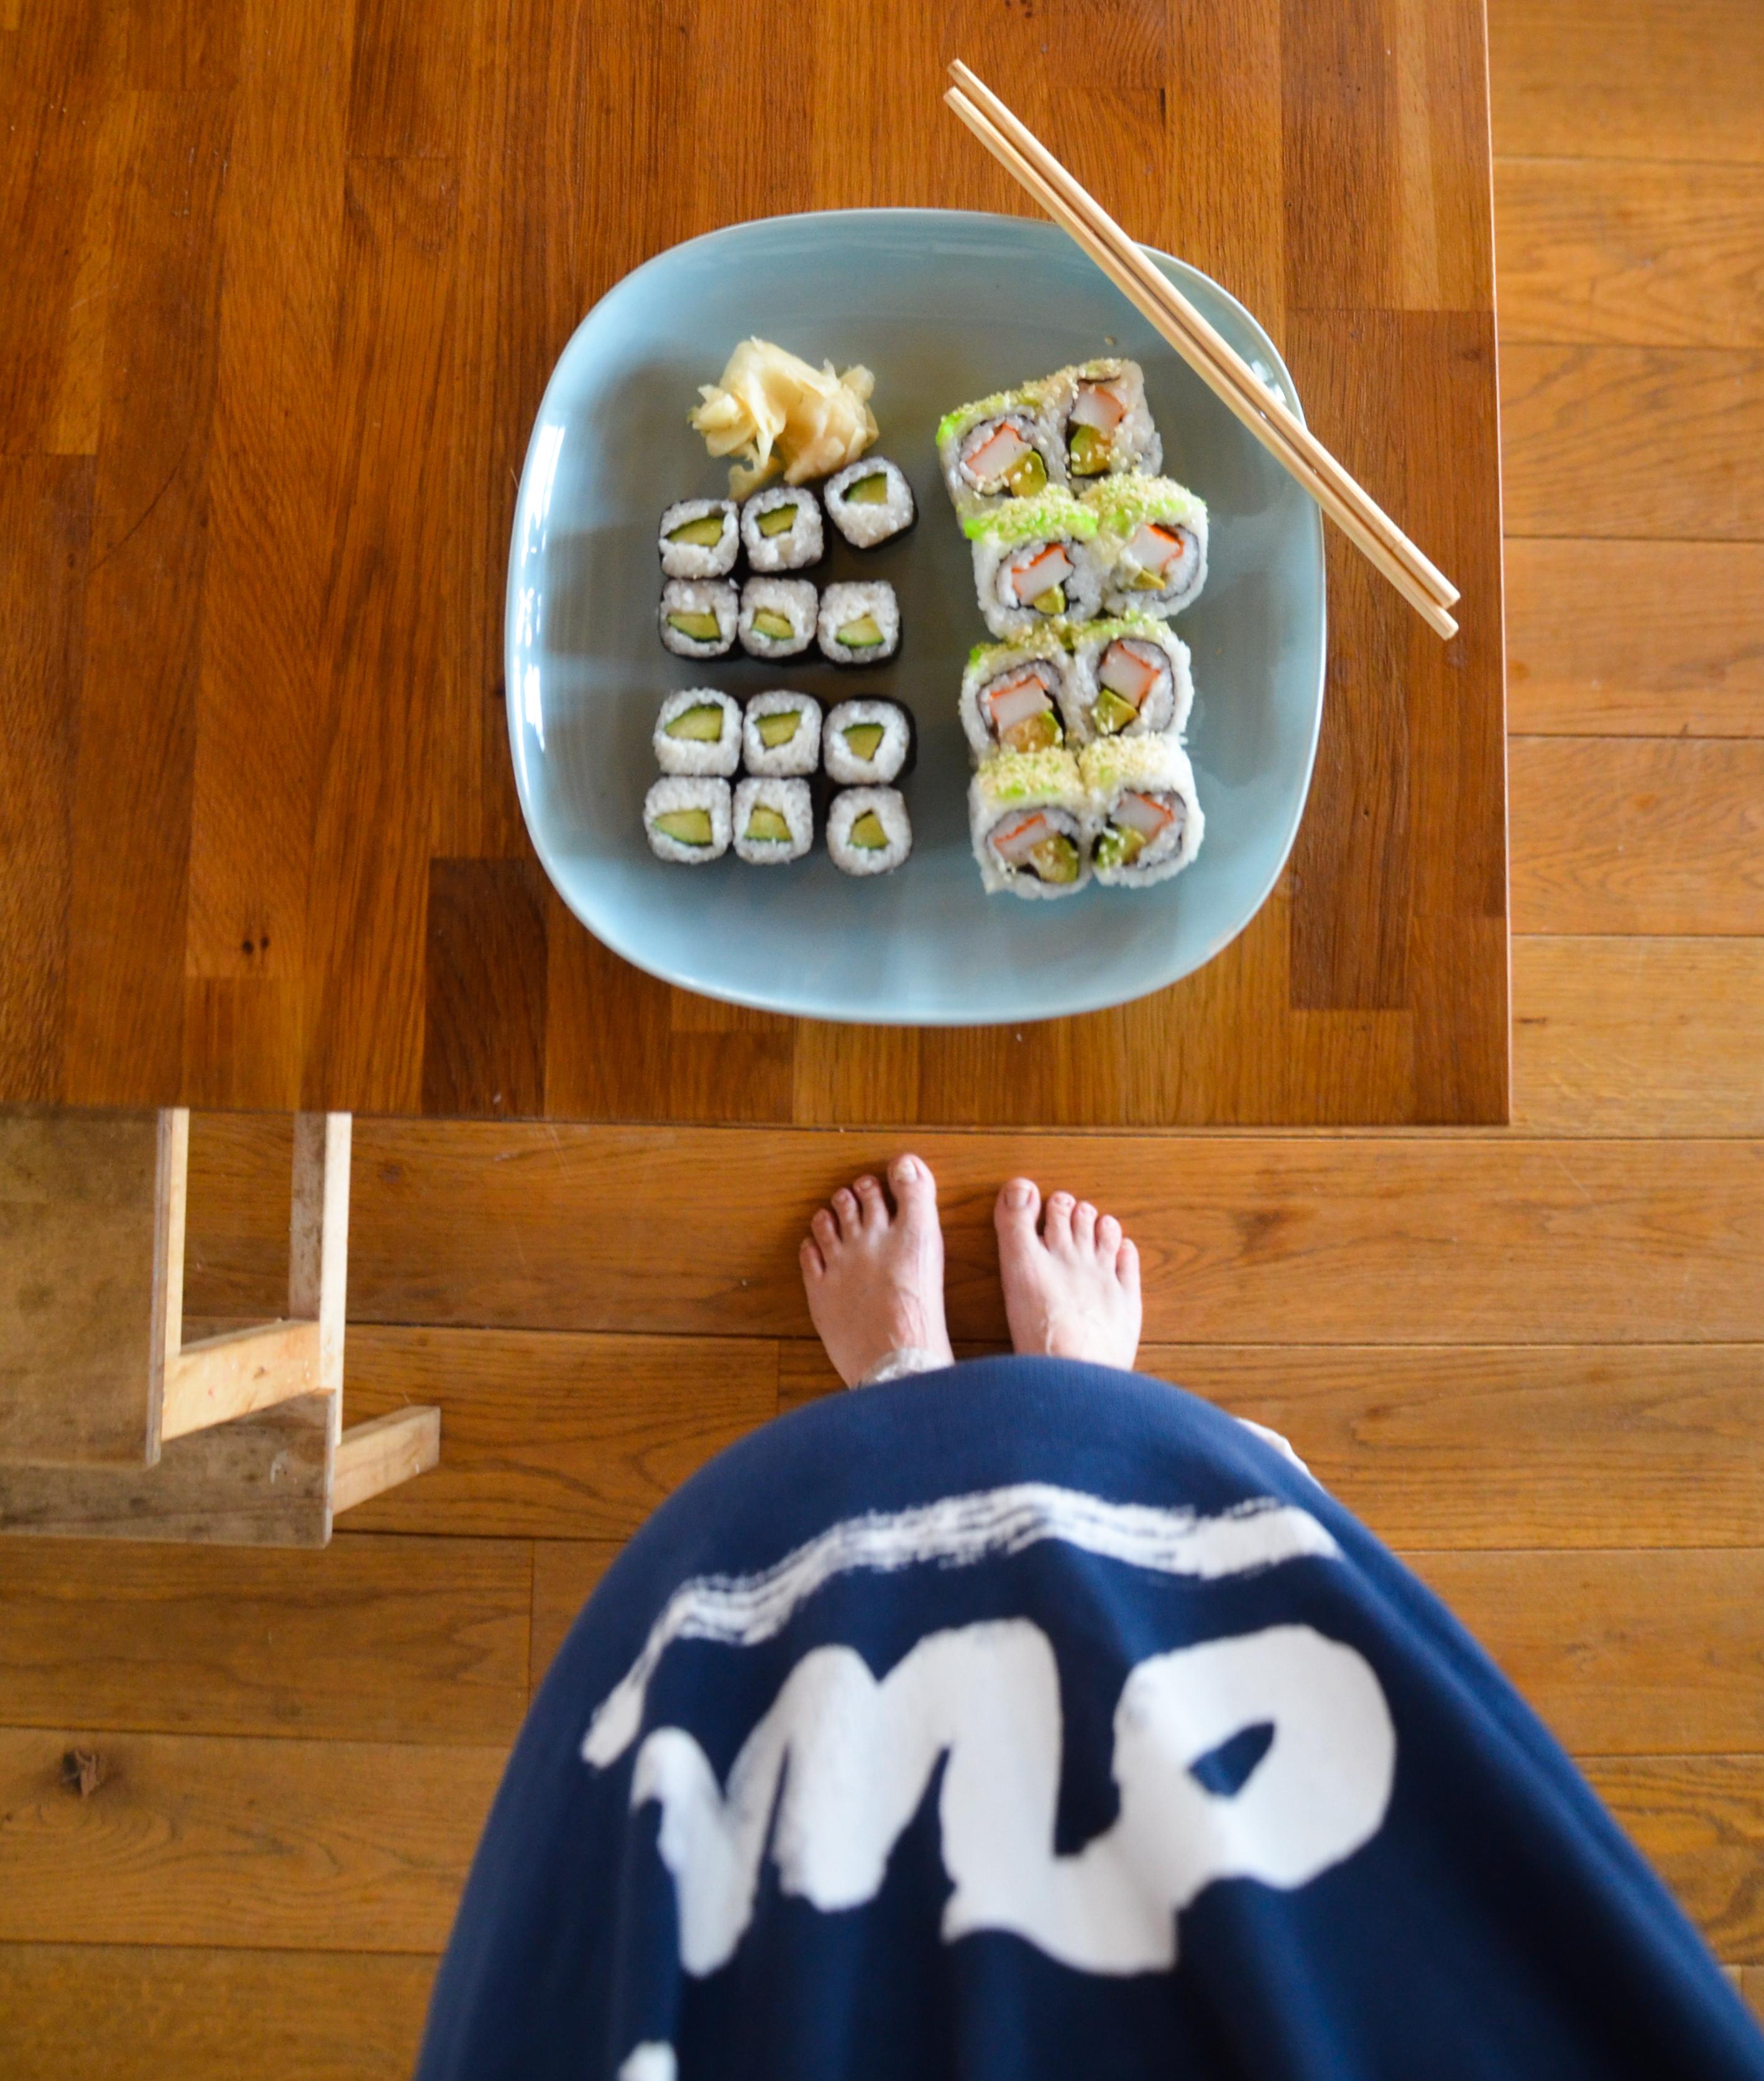 Schwangerschaft, was ist erlaubt, Sushi in der Schwangerschaft